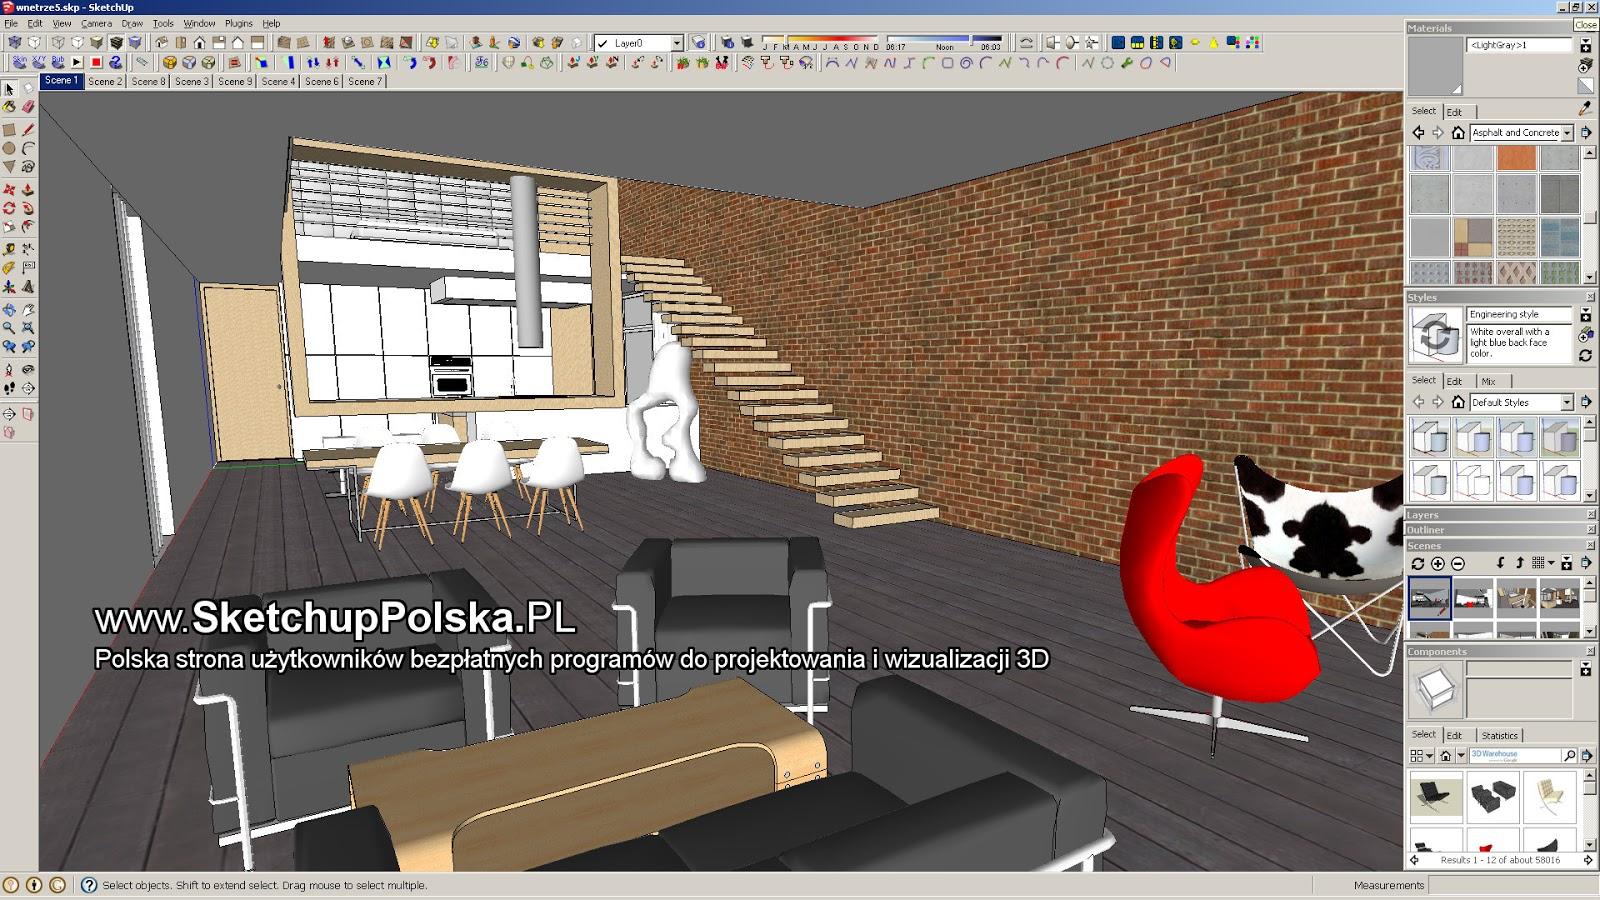 Моделирование в SketchUp. Интерфейс, создание простой детали